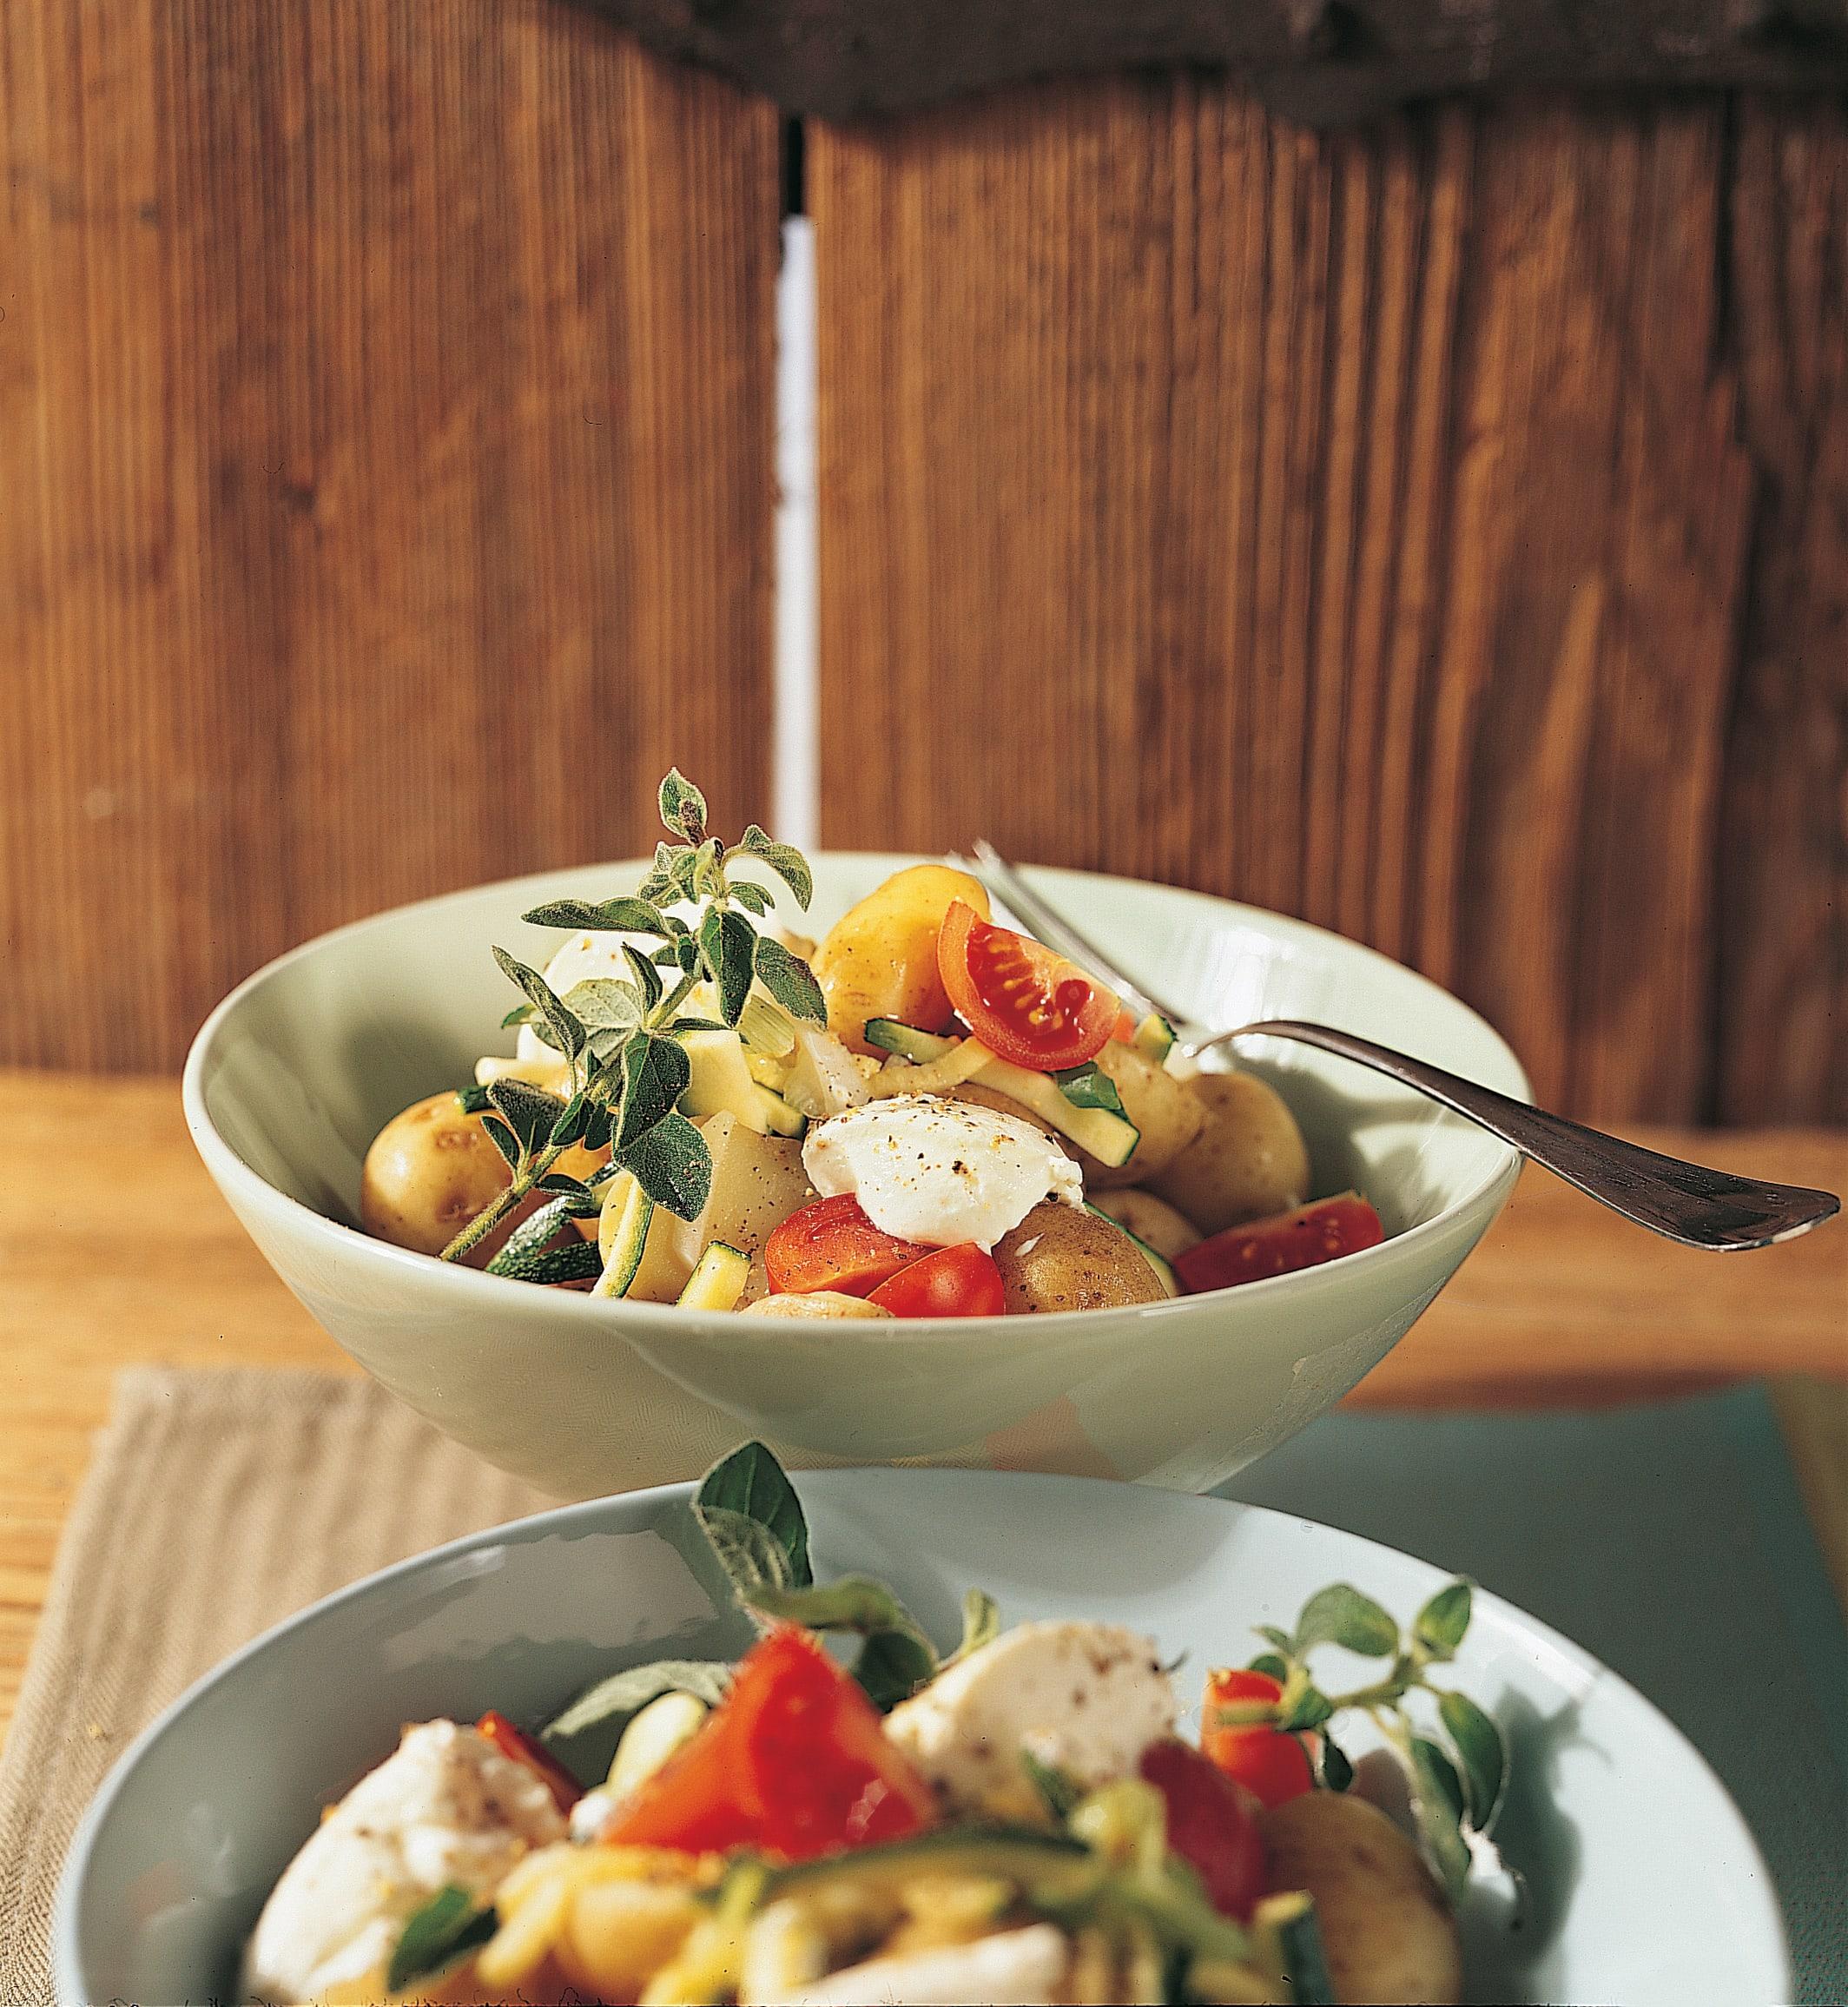 Salade de pommes de terre au fromage frais